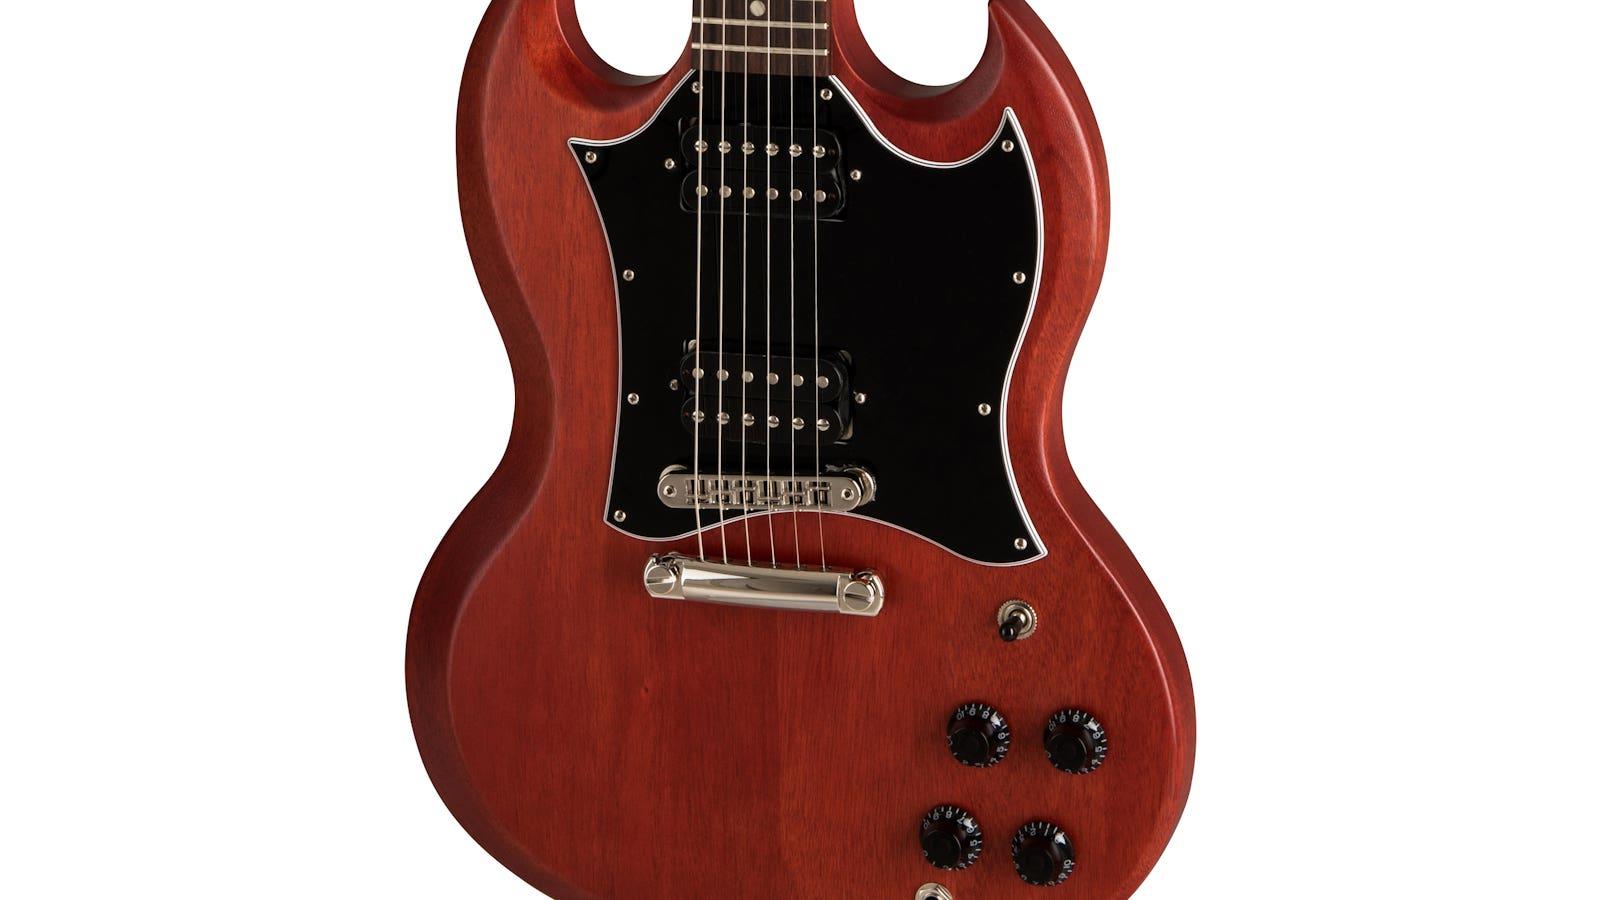 Gibson SG Tribute - Vintage Cherry Satin